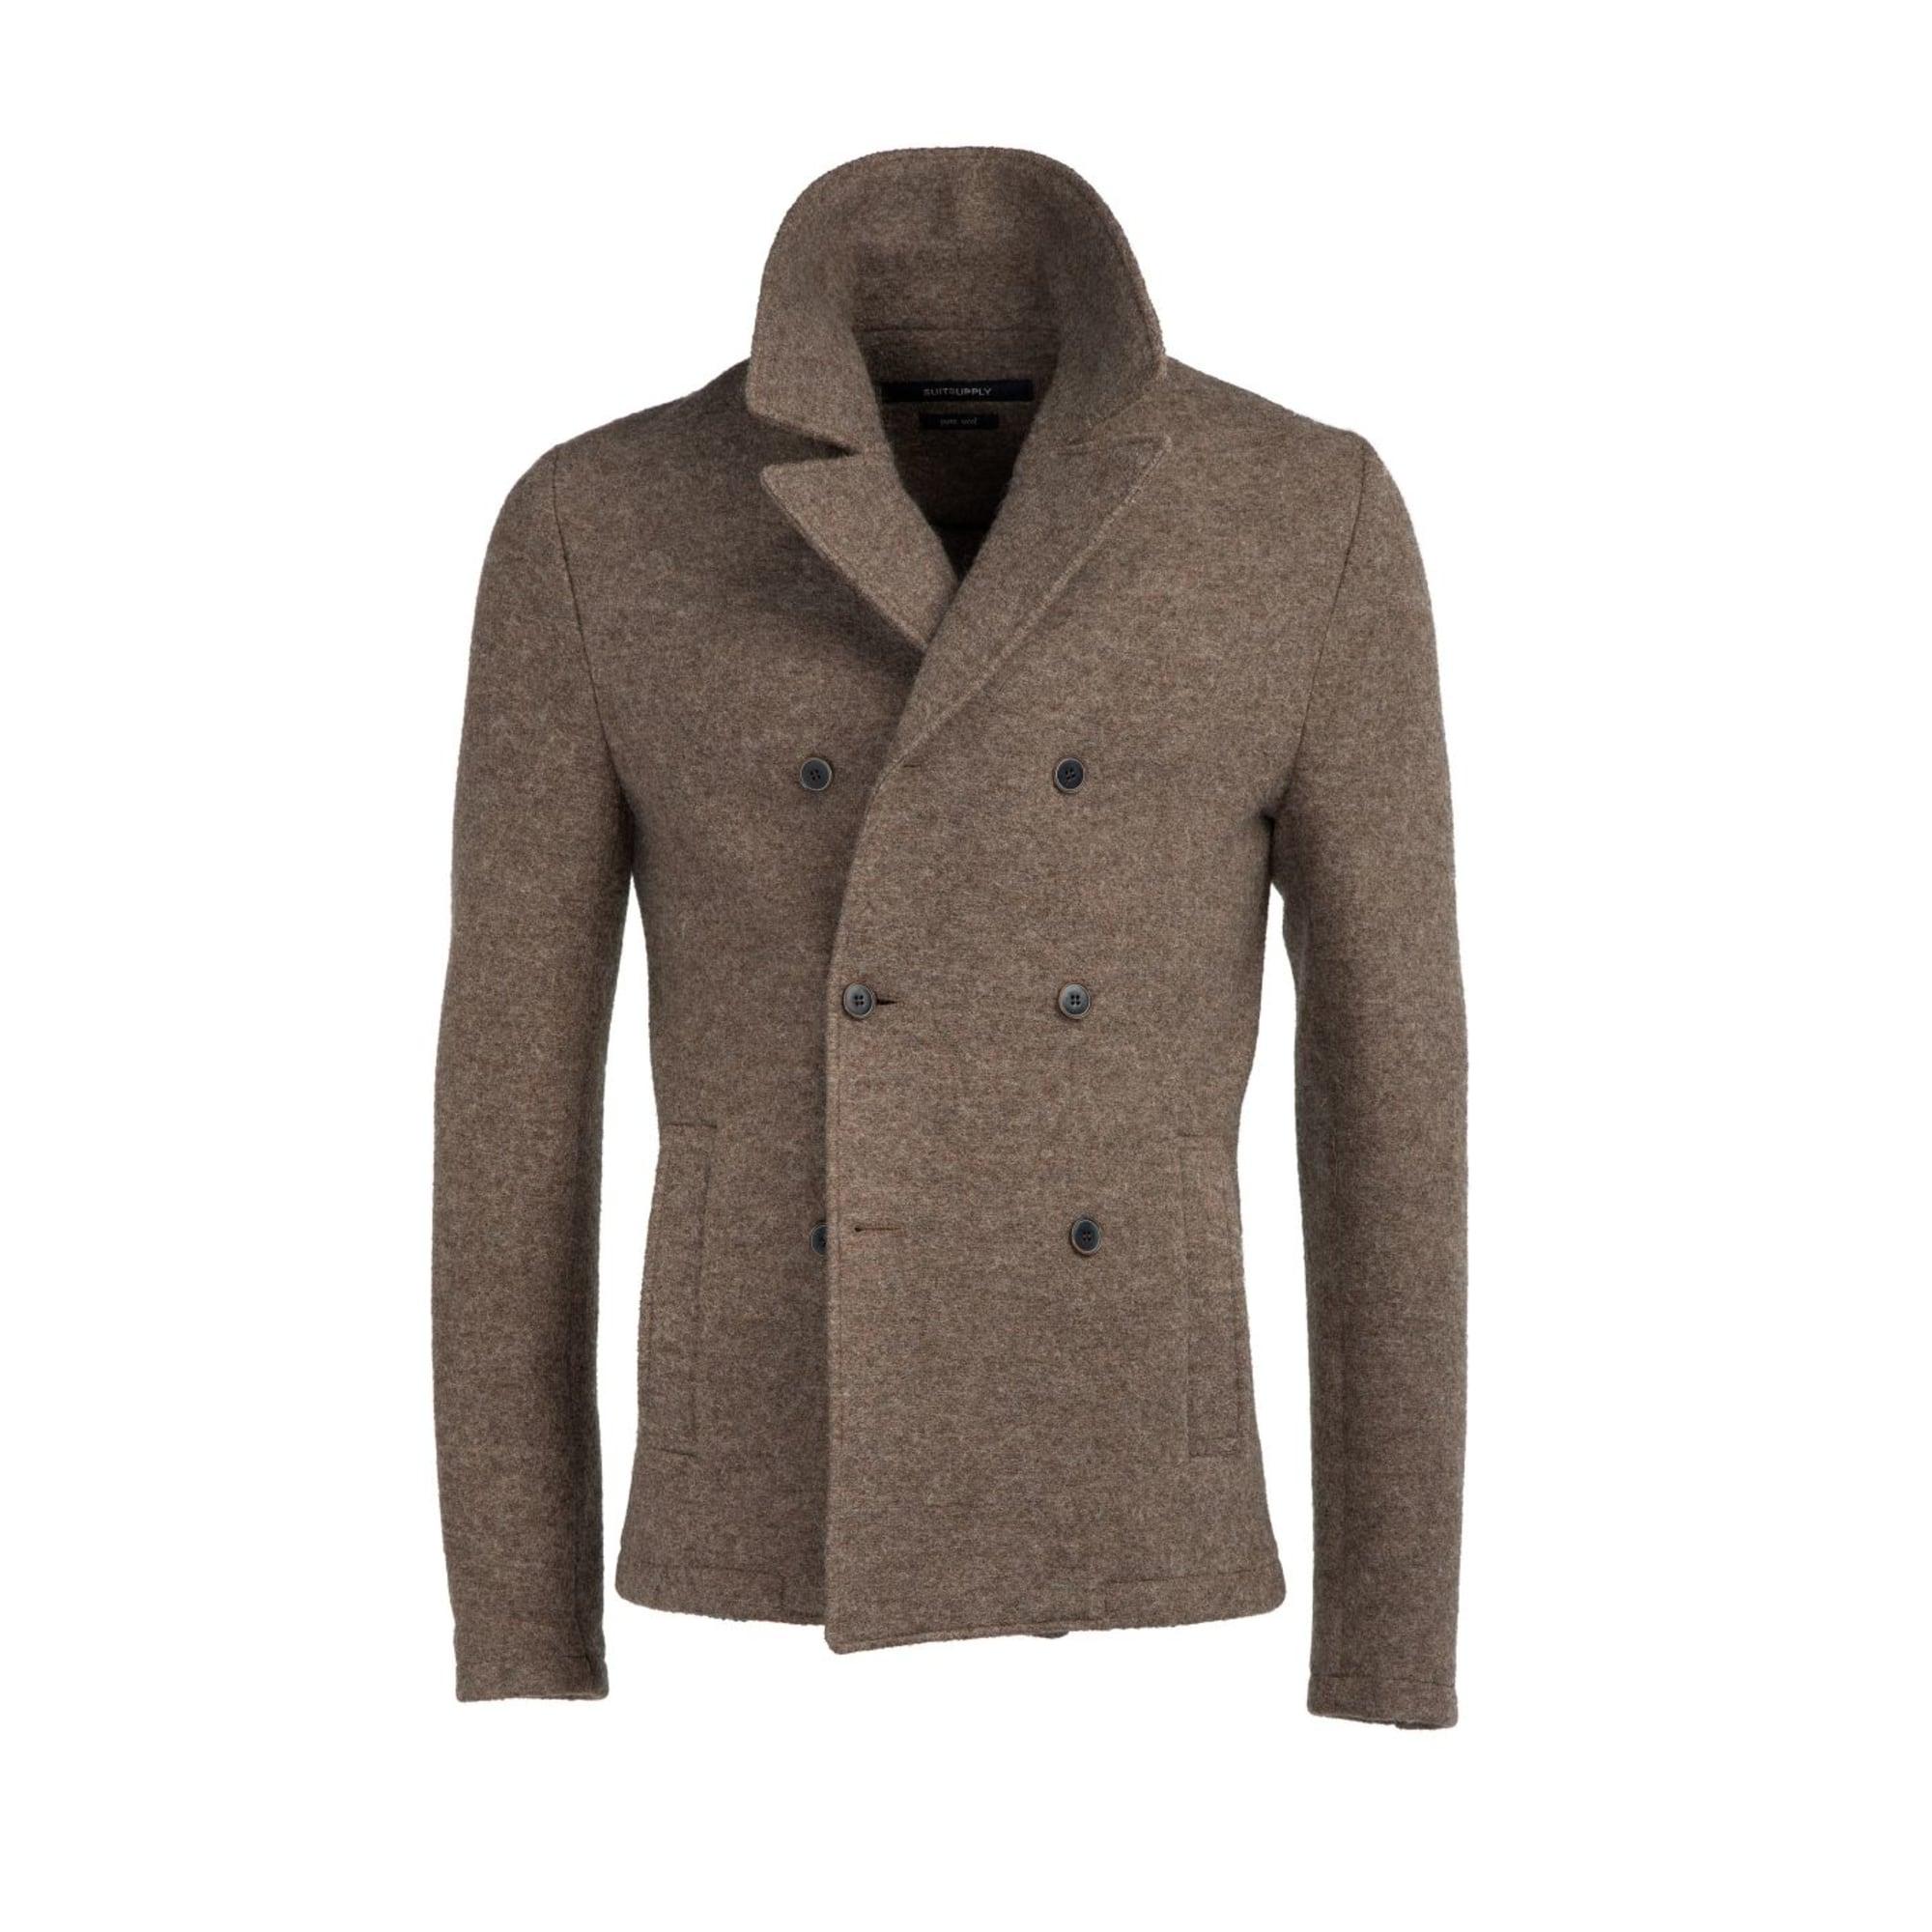 Manteau SUIT SUPPLY 48 (M) marron vendu par John231 4616901